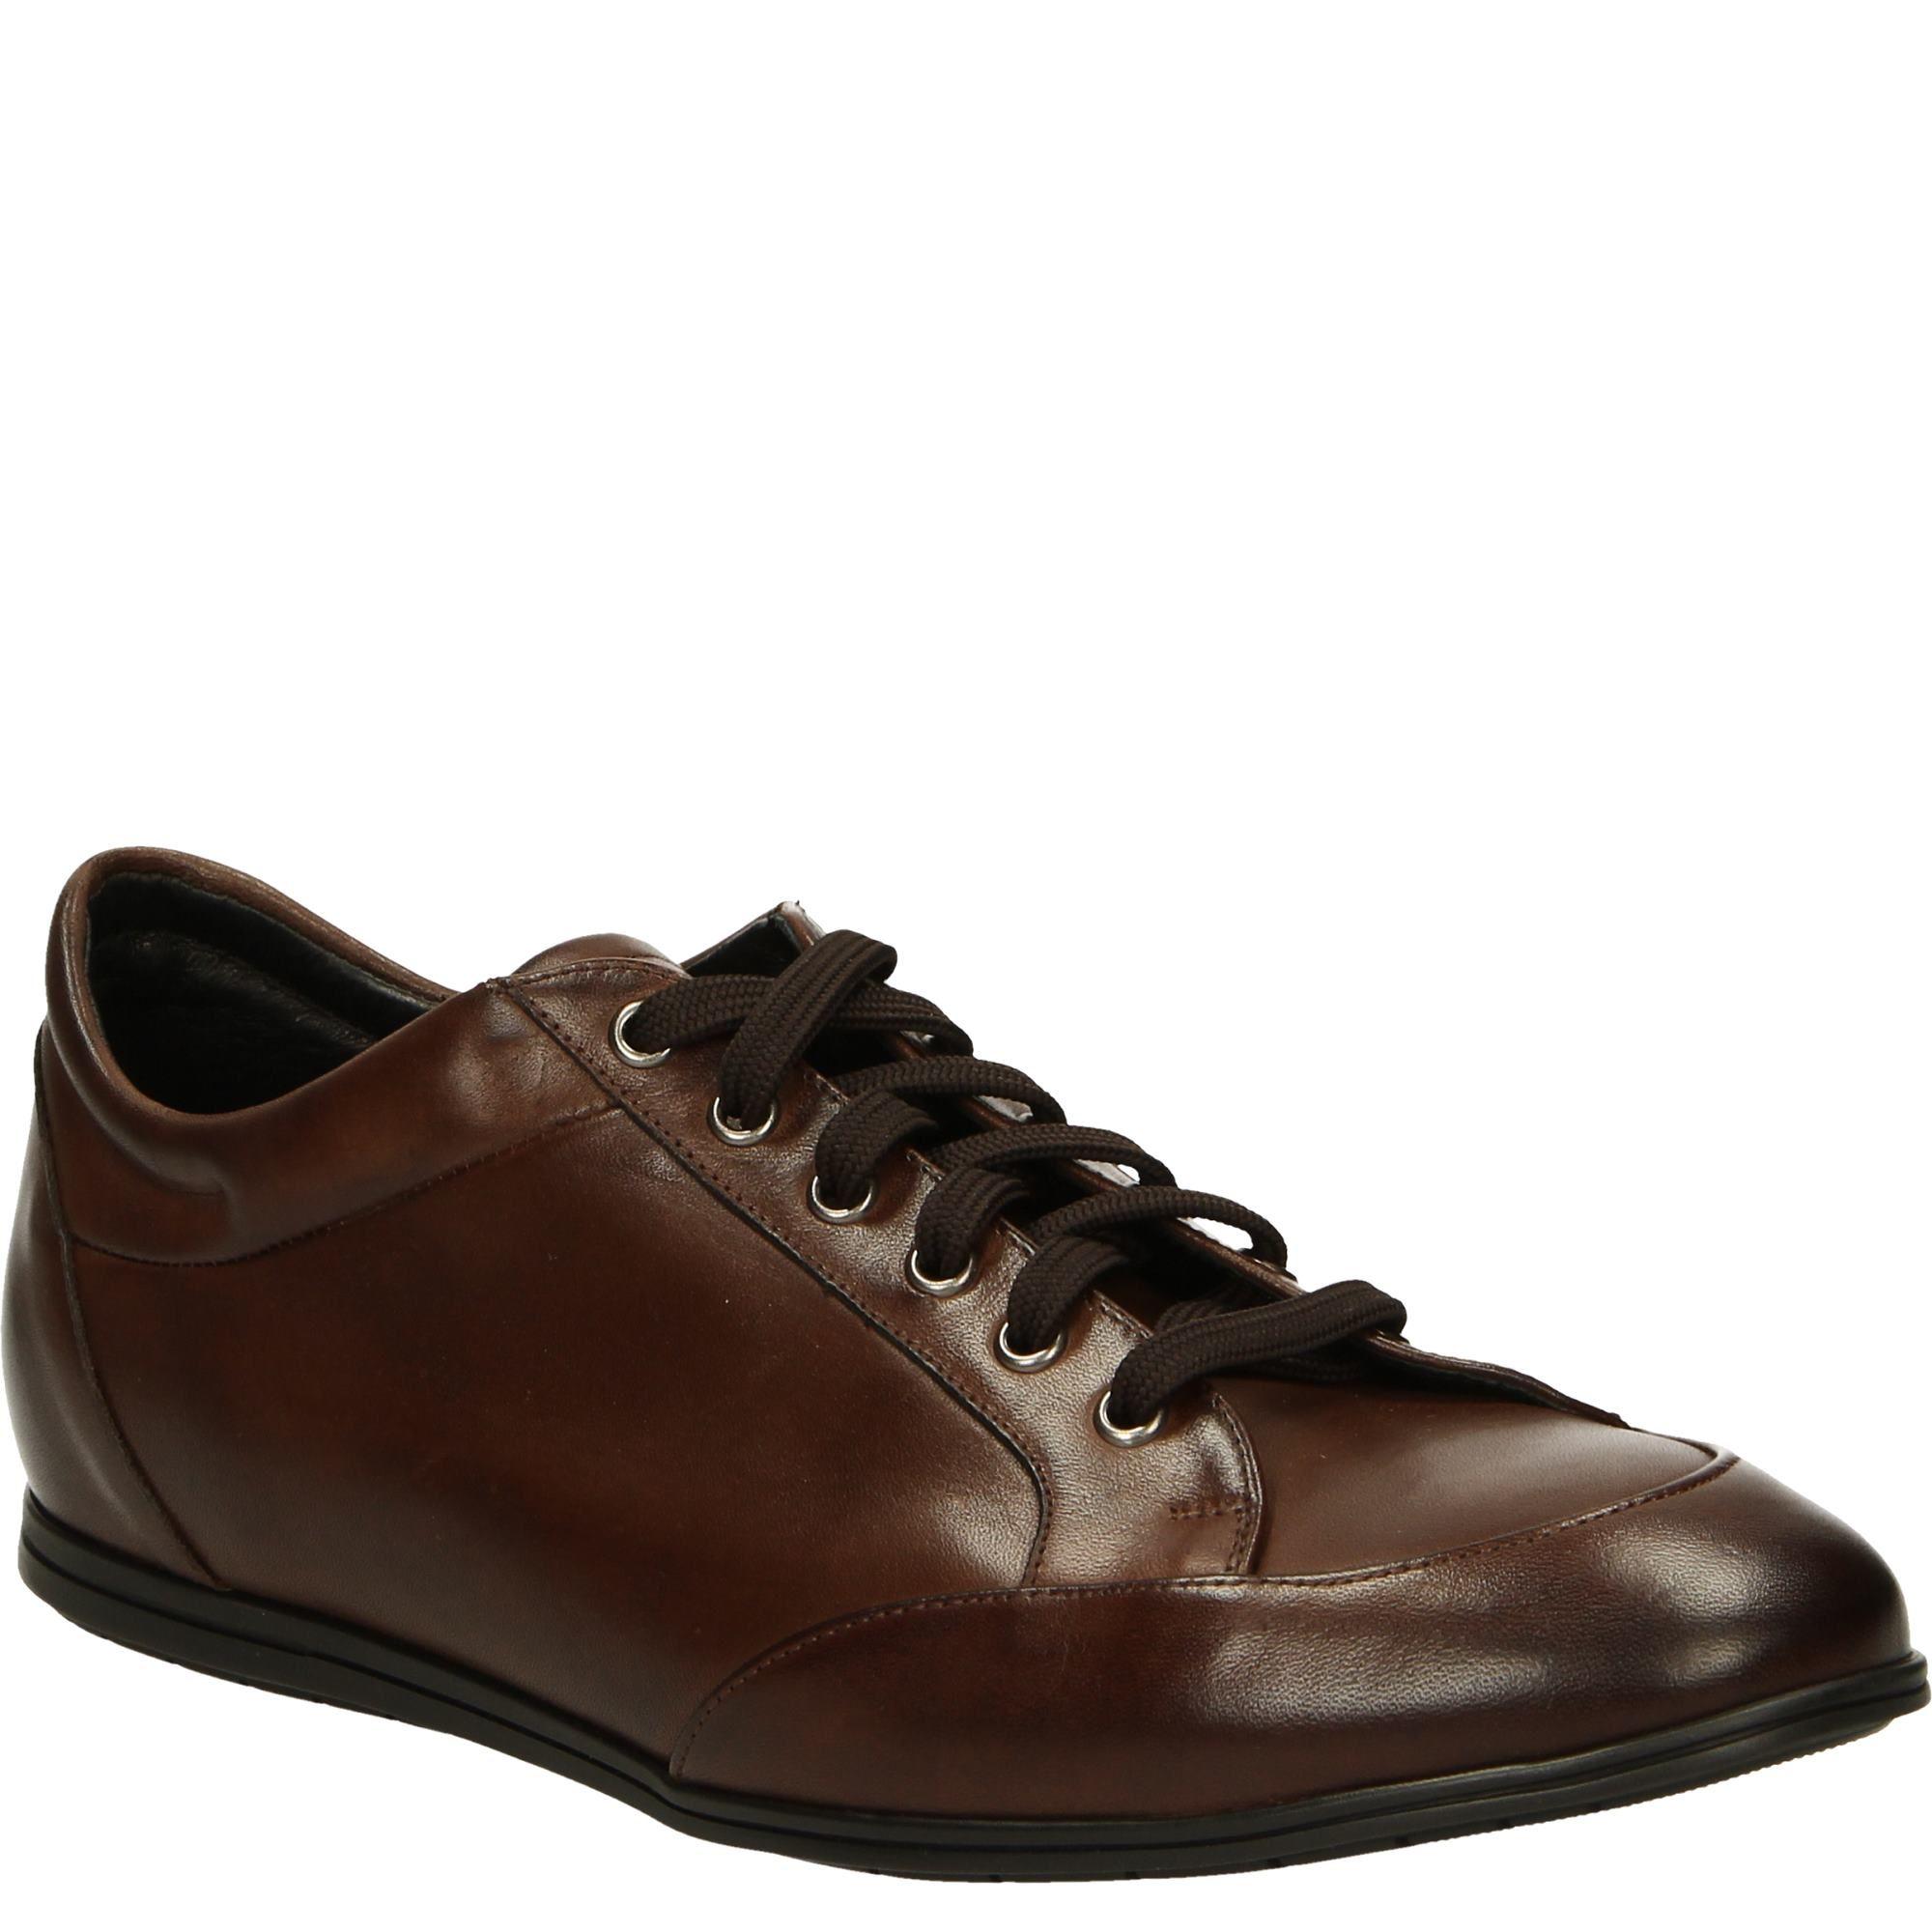 Polbuty Skorzane Venezia Pl Braz Sneakers Shoes Fashion